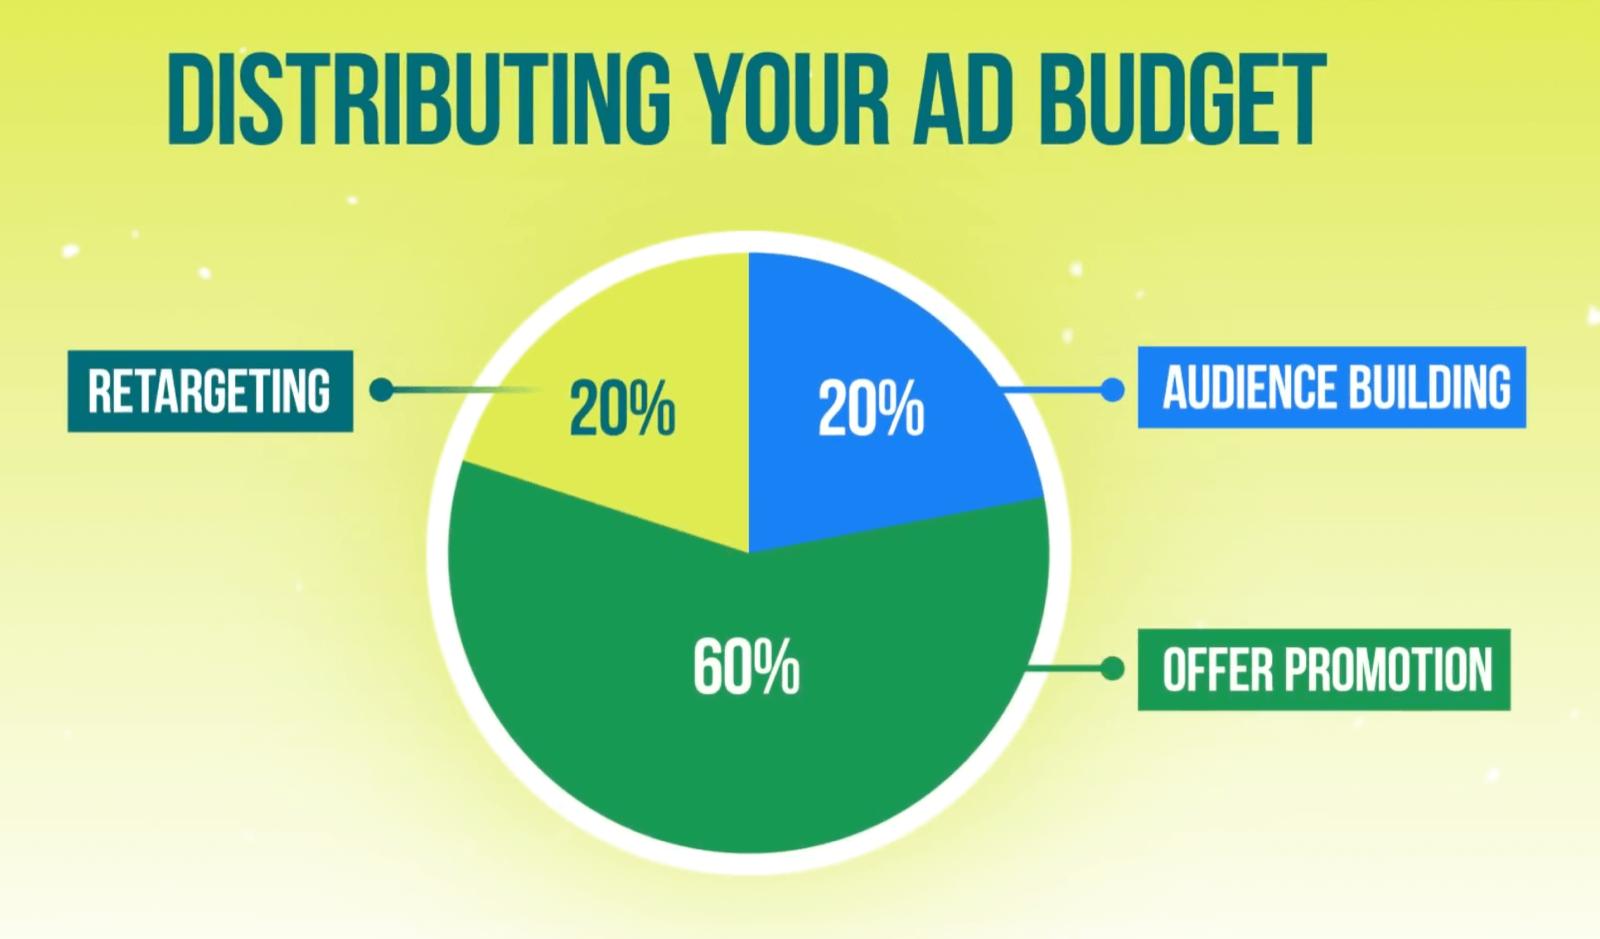 该图片展示了针对重新定位的广告预算突破了20%,针对受众群体的广告预算了20%,以及针对优惠促销的广告预算的60%